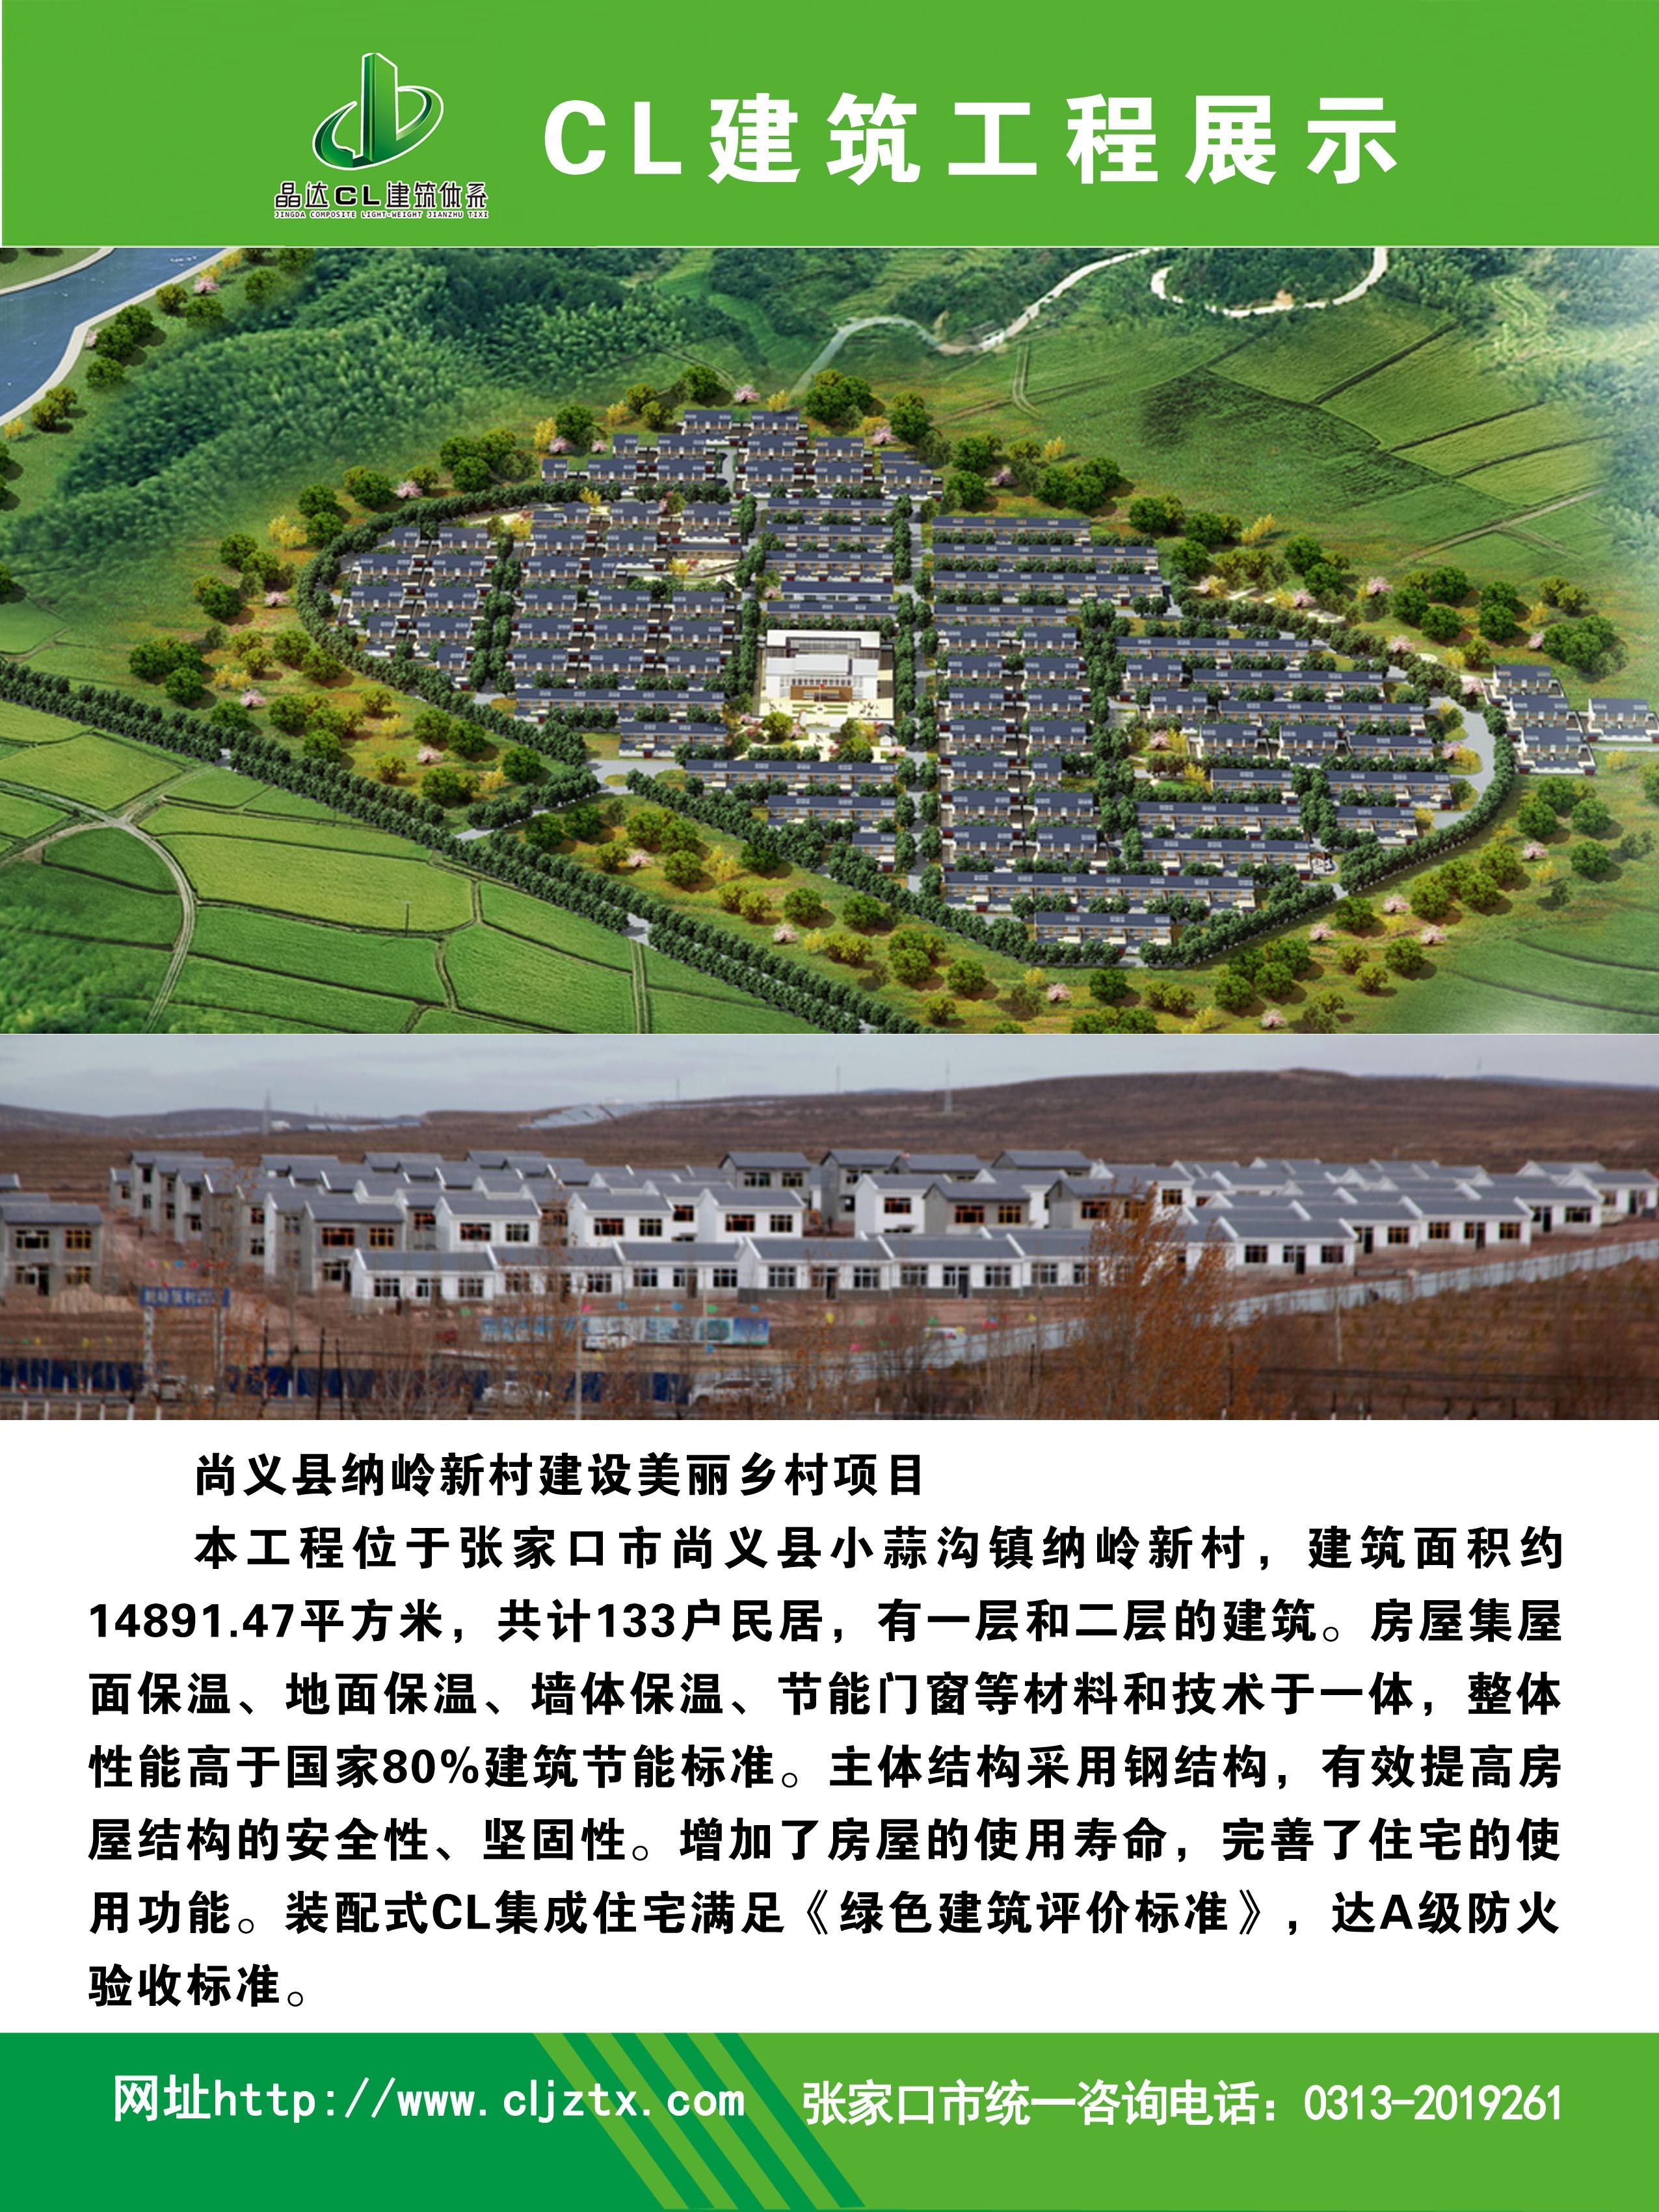 尚义县纳岭新村